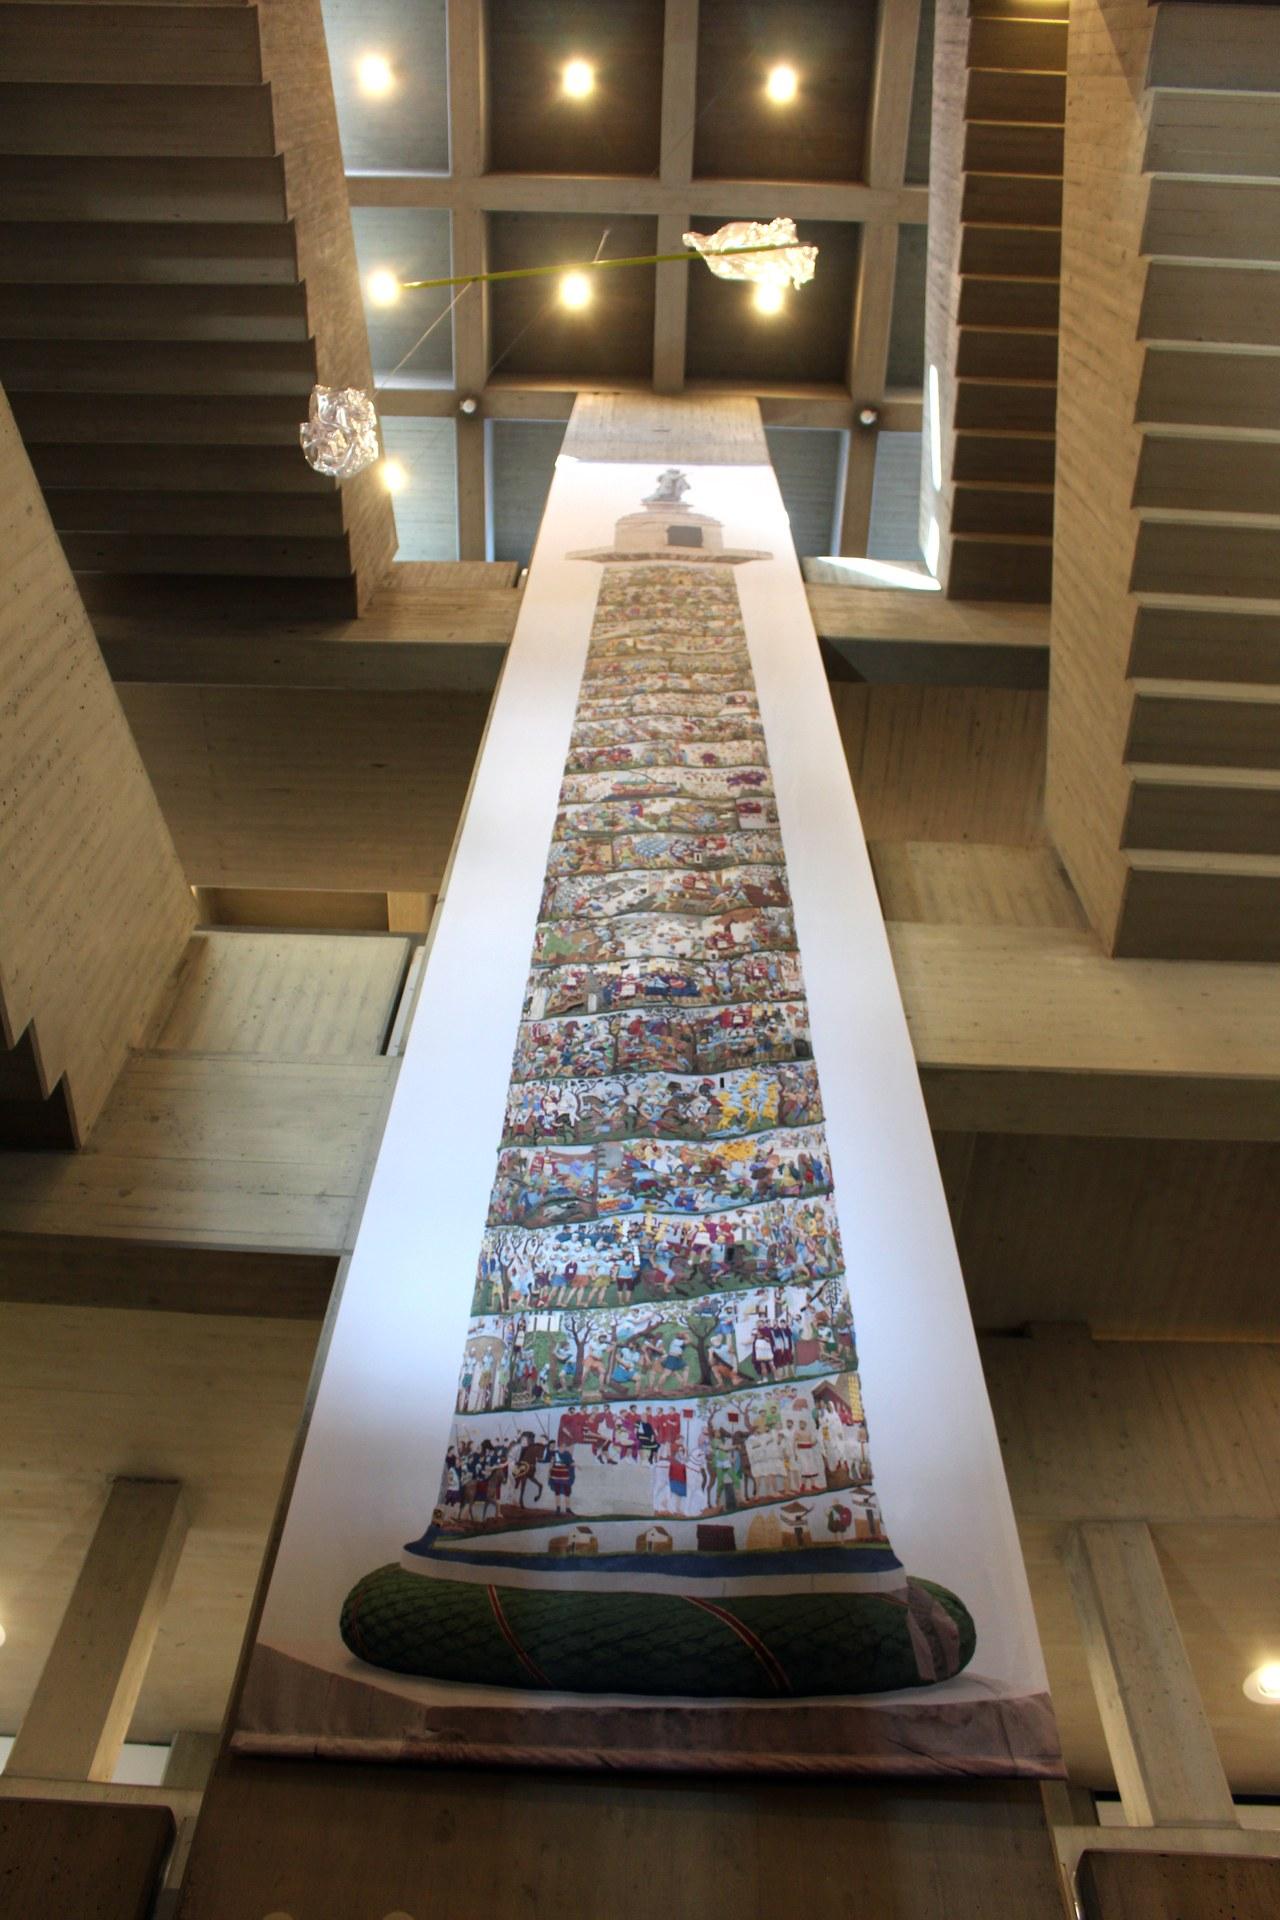 Blick in die Ausstellung: Trajanssäule im Clemens Sels Museum Neuss, Rekonstruktion der Farbfassung: Ritchie Pogorzelski - Foto: Clemens Sels Museum Neuss.